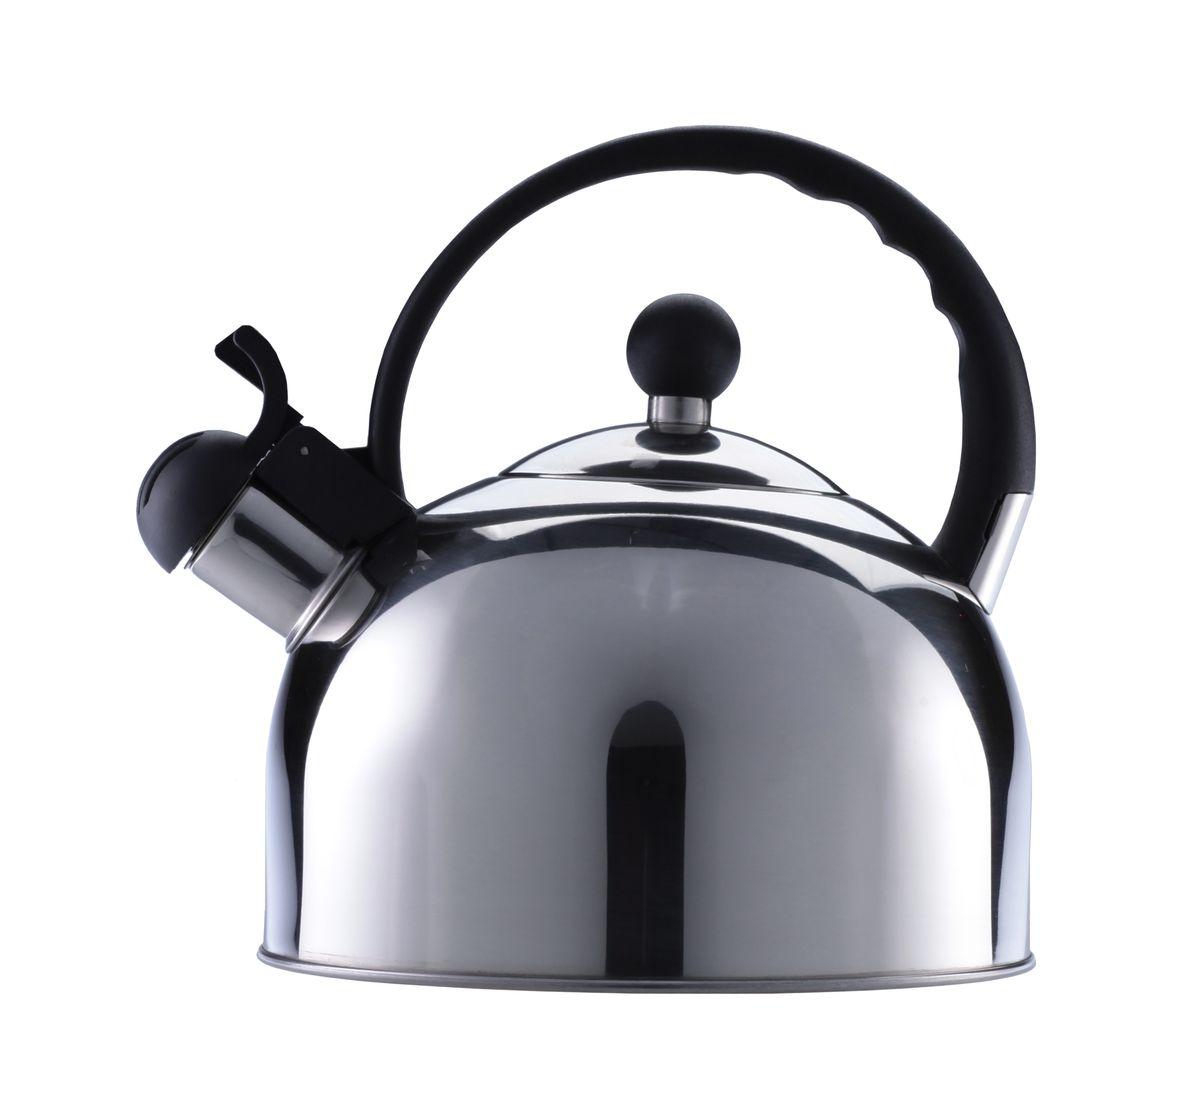 Чайник Walmer, 2,5 л1069А_стальной, бордовый, золотойНикто не расскажет об истинно британском качестве лучше, чем Walmer! Практичный чайник, изготовленный из нержавеющей стали, снабженный термоизолированной ручкой из бакелита и свистком, станет вашим верным помощником – сообщит о закипании и позволит безопасно налить кипяток. Вскипятить 2,5 литра воды буквально за несколько минут? С чайником от Walmer это возможно! Он оборудован трехслойным дном: использование в нем алюминиевого слоя позволяет максимально быстро нагревать весь объем содержимого. Чайник выполнен в элегантном, минималистичном стиле – холодный блеск нержавеющей стали отлично гармонирует с любой цветовой палитрой посуды на современной кухне. Свисток чайника одновременно выполняет и защитную функцию, закрывая носик и блокируя путь брызгам воды при закипании – оборудованный предохранительной накладкой из бакелита, он никогда не станет причиной ожога. Представленный чайник от Walmer подходит для любых типов плит, включая индукционные. Его легко мыть, он не требует особенных усилий в уходе и, благодаря вытянутому по вертикали корпусу, экономит свободное место на плите или кухонной столешнице.